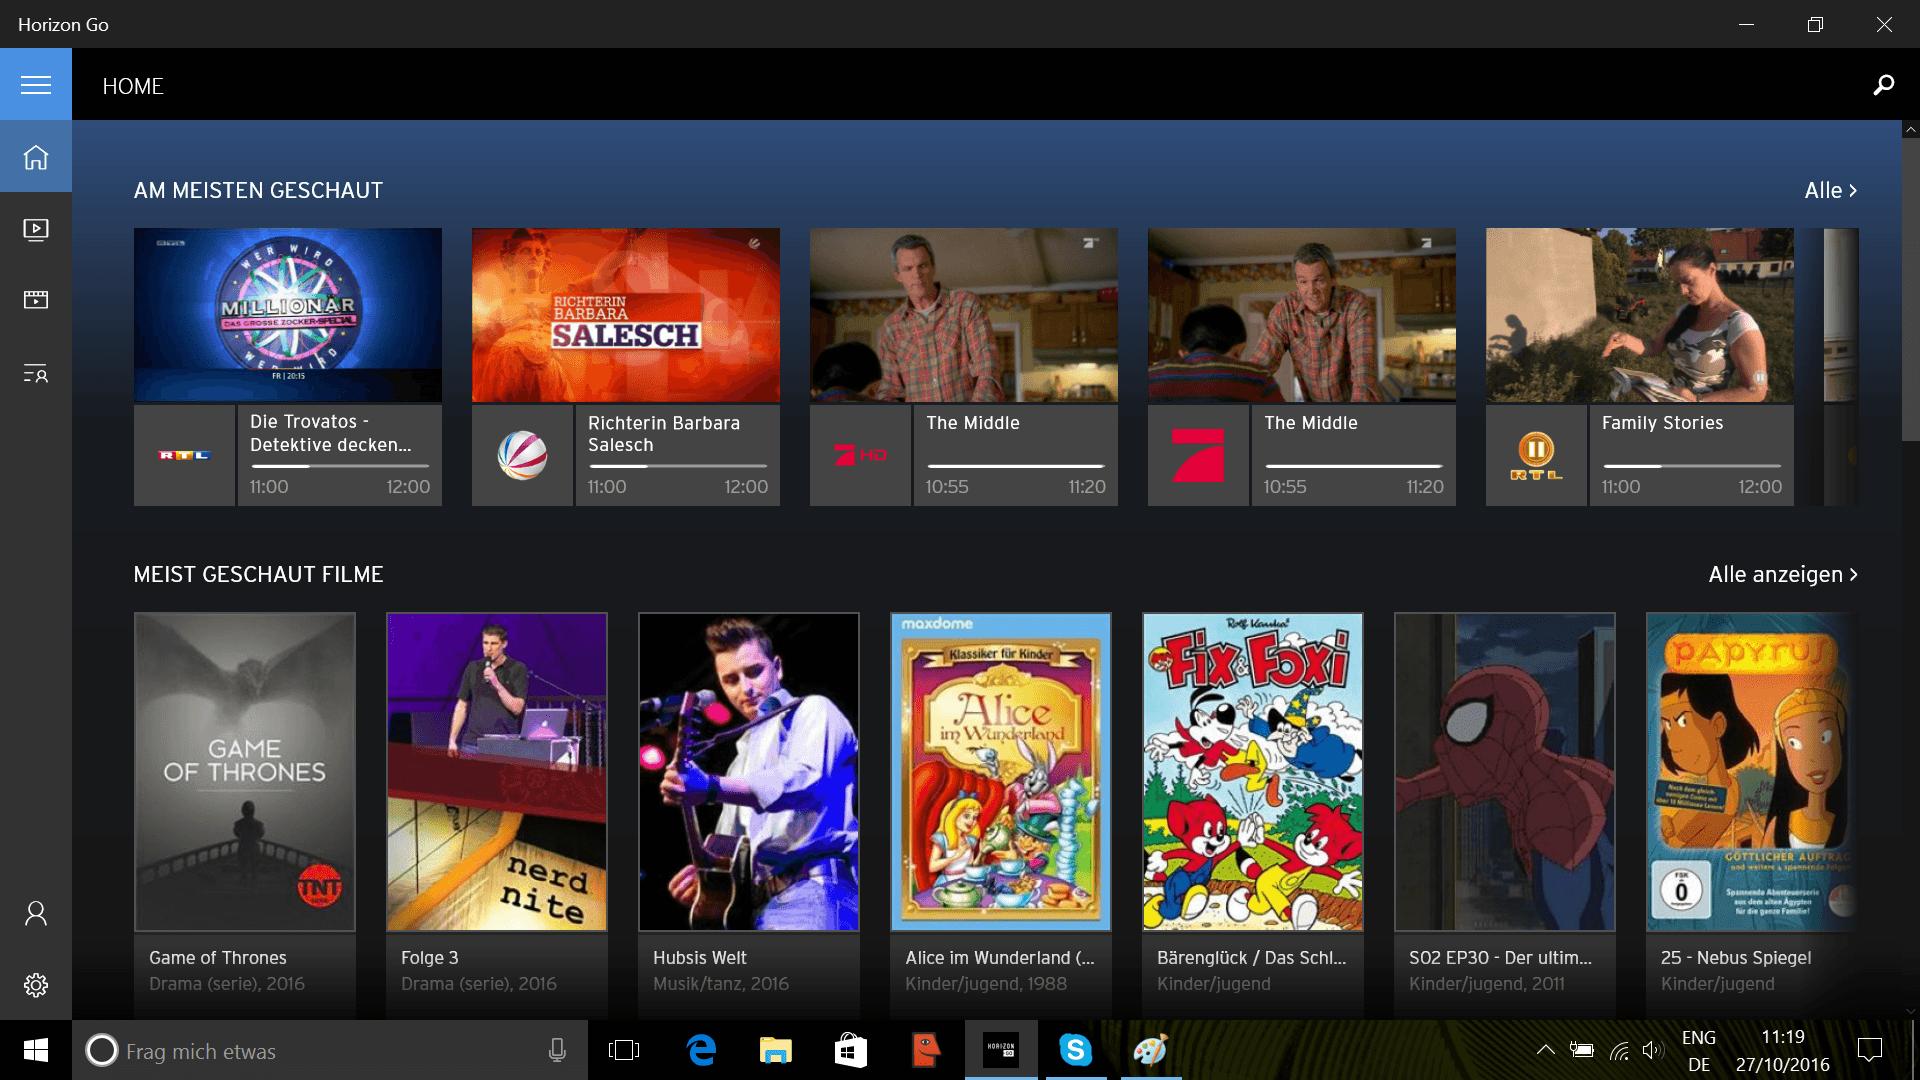 Horizon GO lässt sich unter Windows 10 Mobile installieren